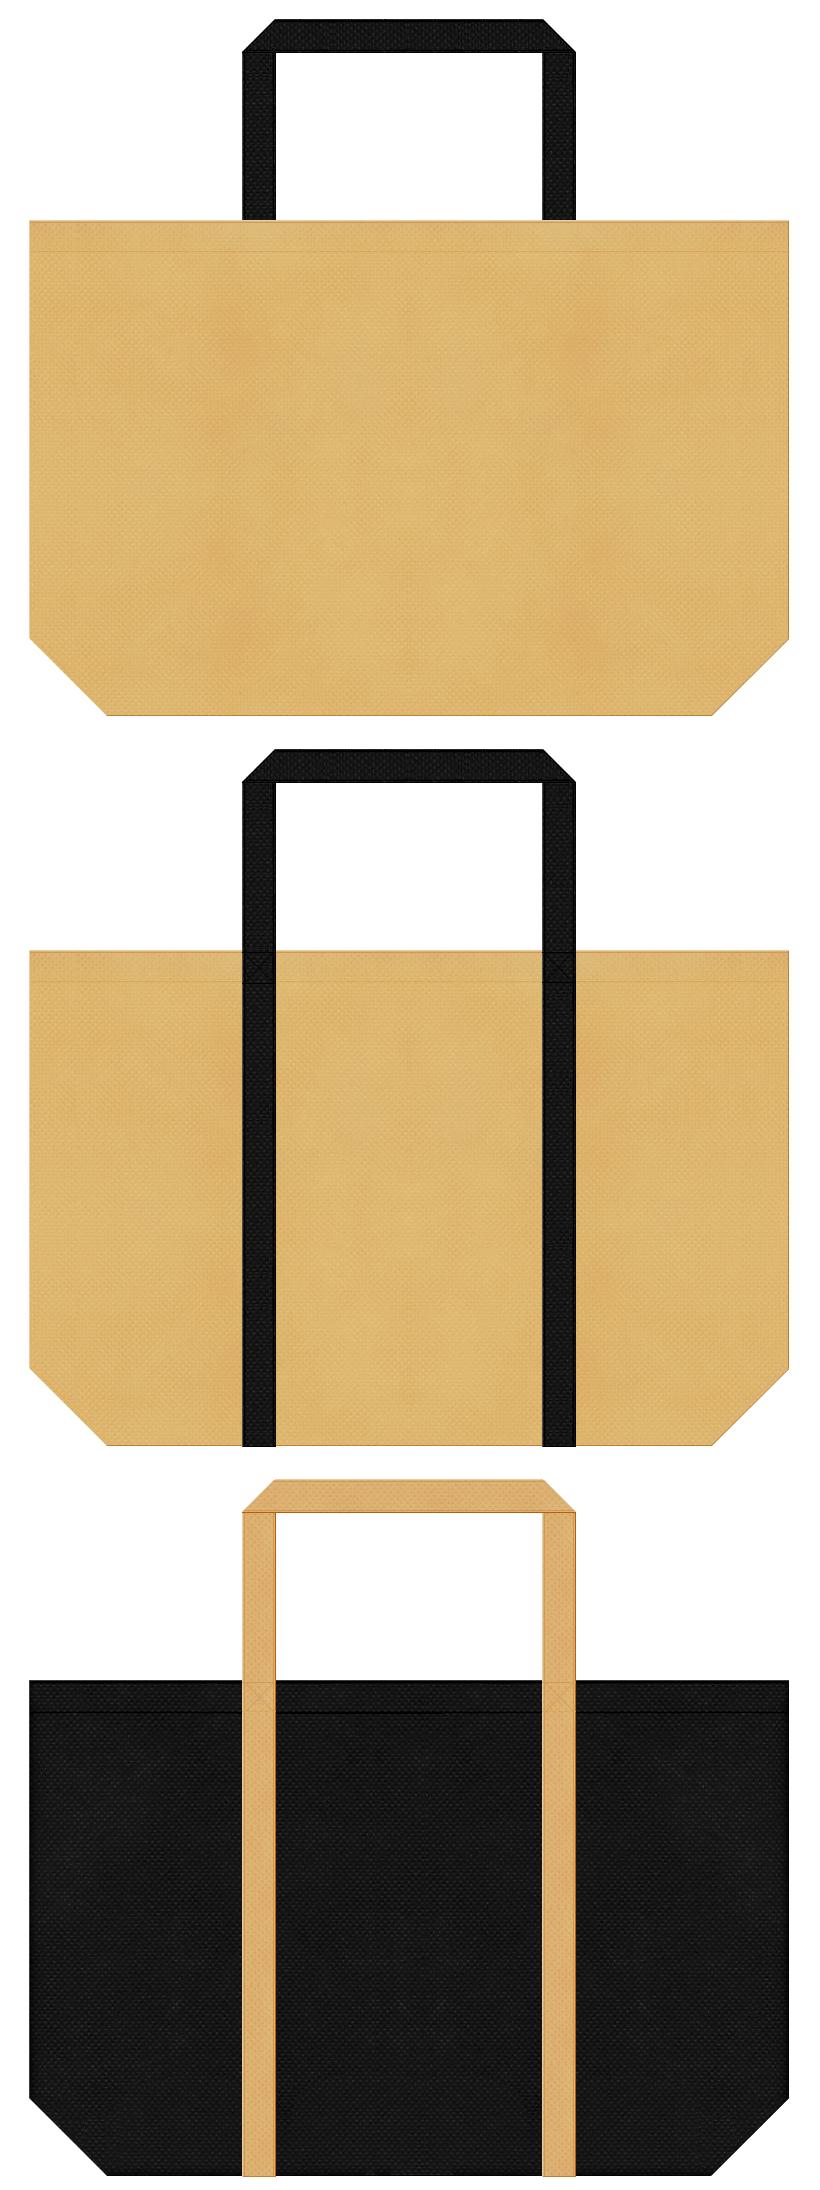 薄黄土色と黒色の不織布ショッピングバッグデザイン。芋焼酎のイメージにお奨めの配色です。